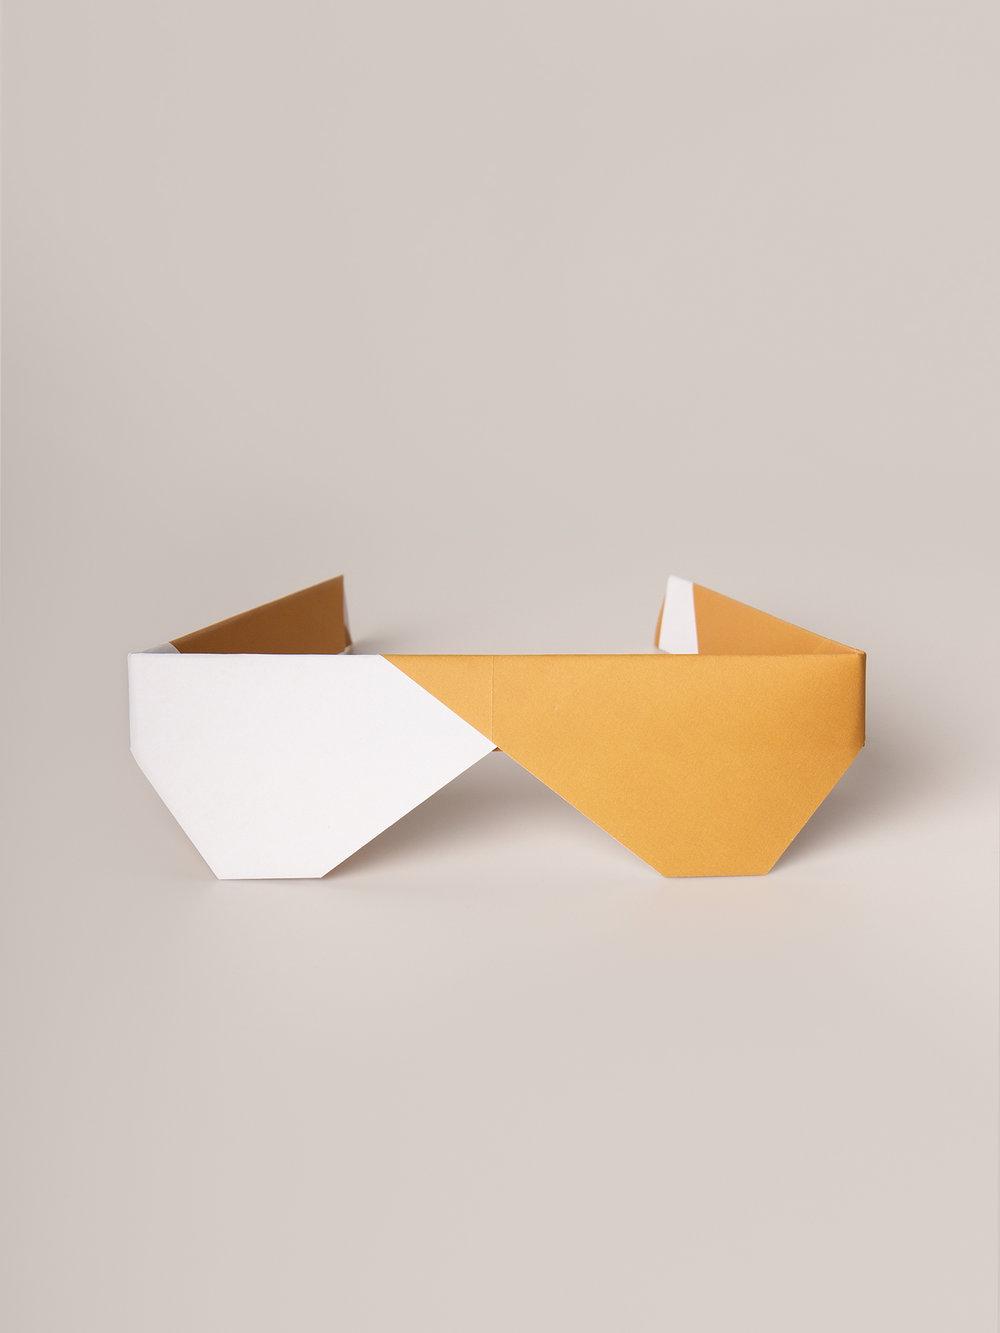 Origami Figur Sonnenbrille  Origami figure Sunglasses